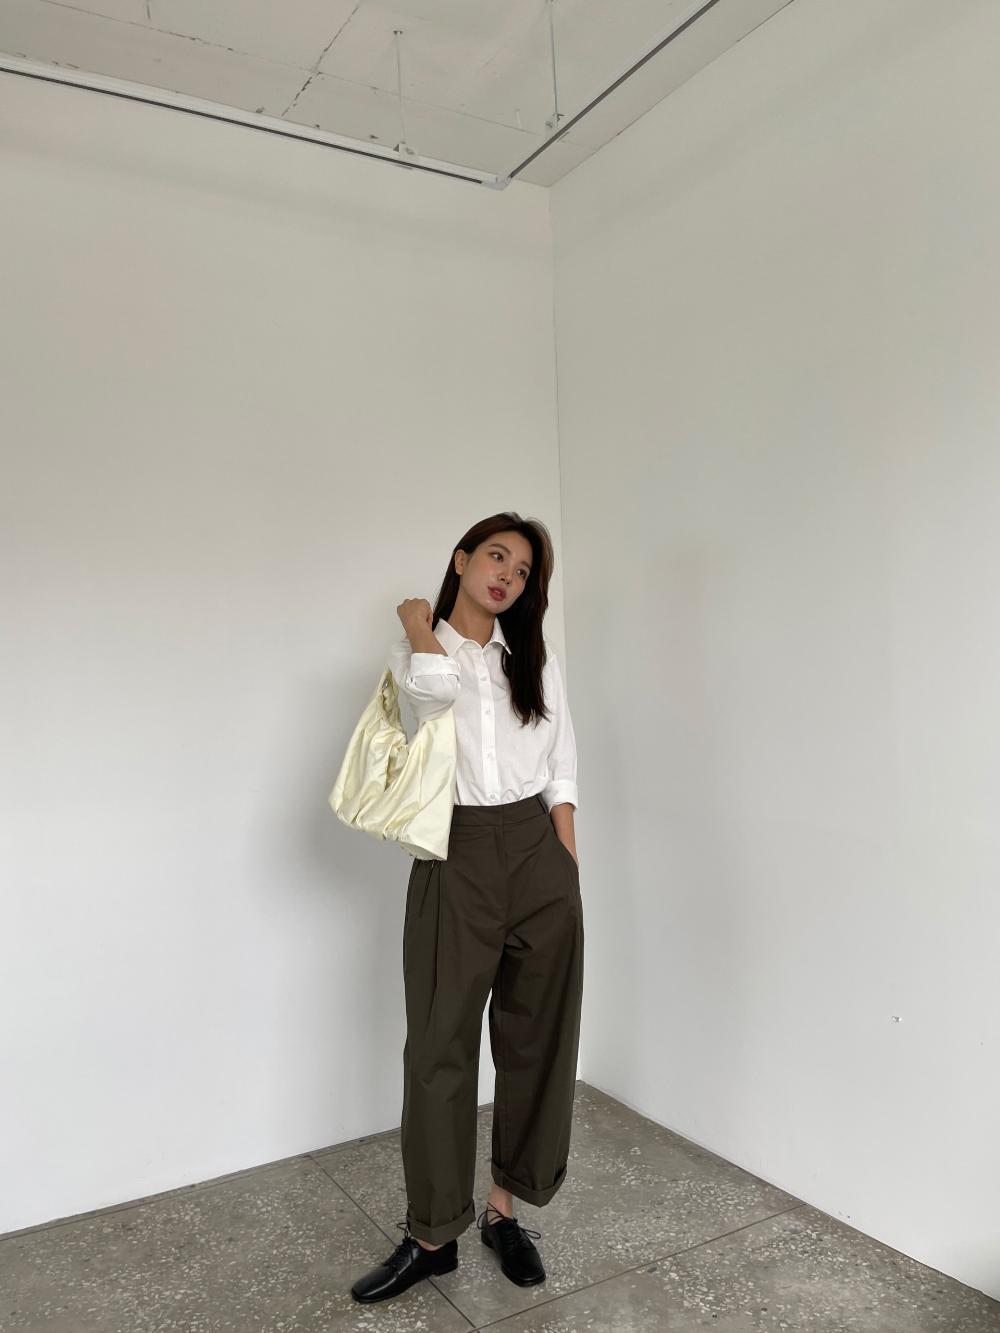 재킷 모델 착용 이미지-S3L39